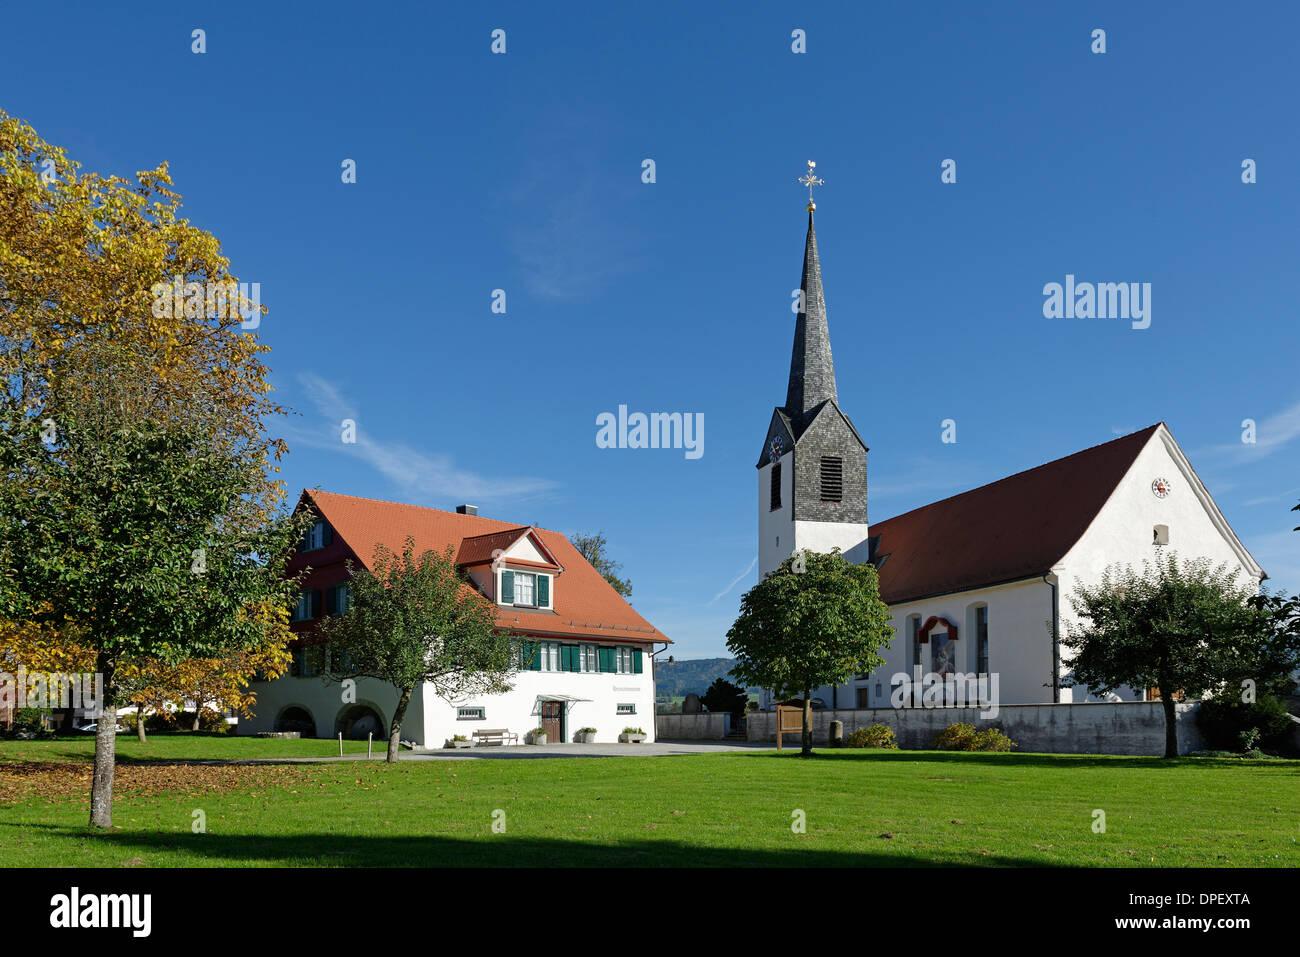 Museo di storia locale e la chiesa parrocchiale di Sant'Ambrogio, Hergensweiler, Svevia, Baviera, Germania, Immagini Stock